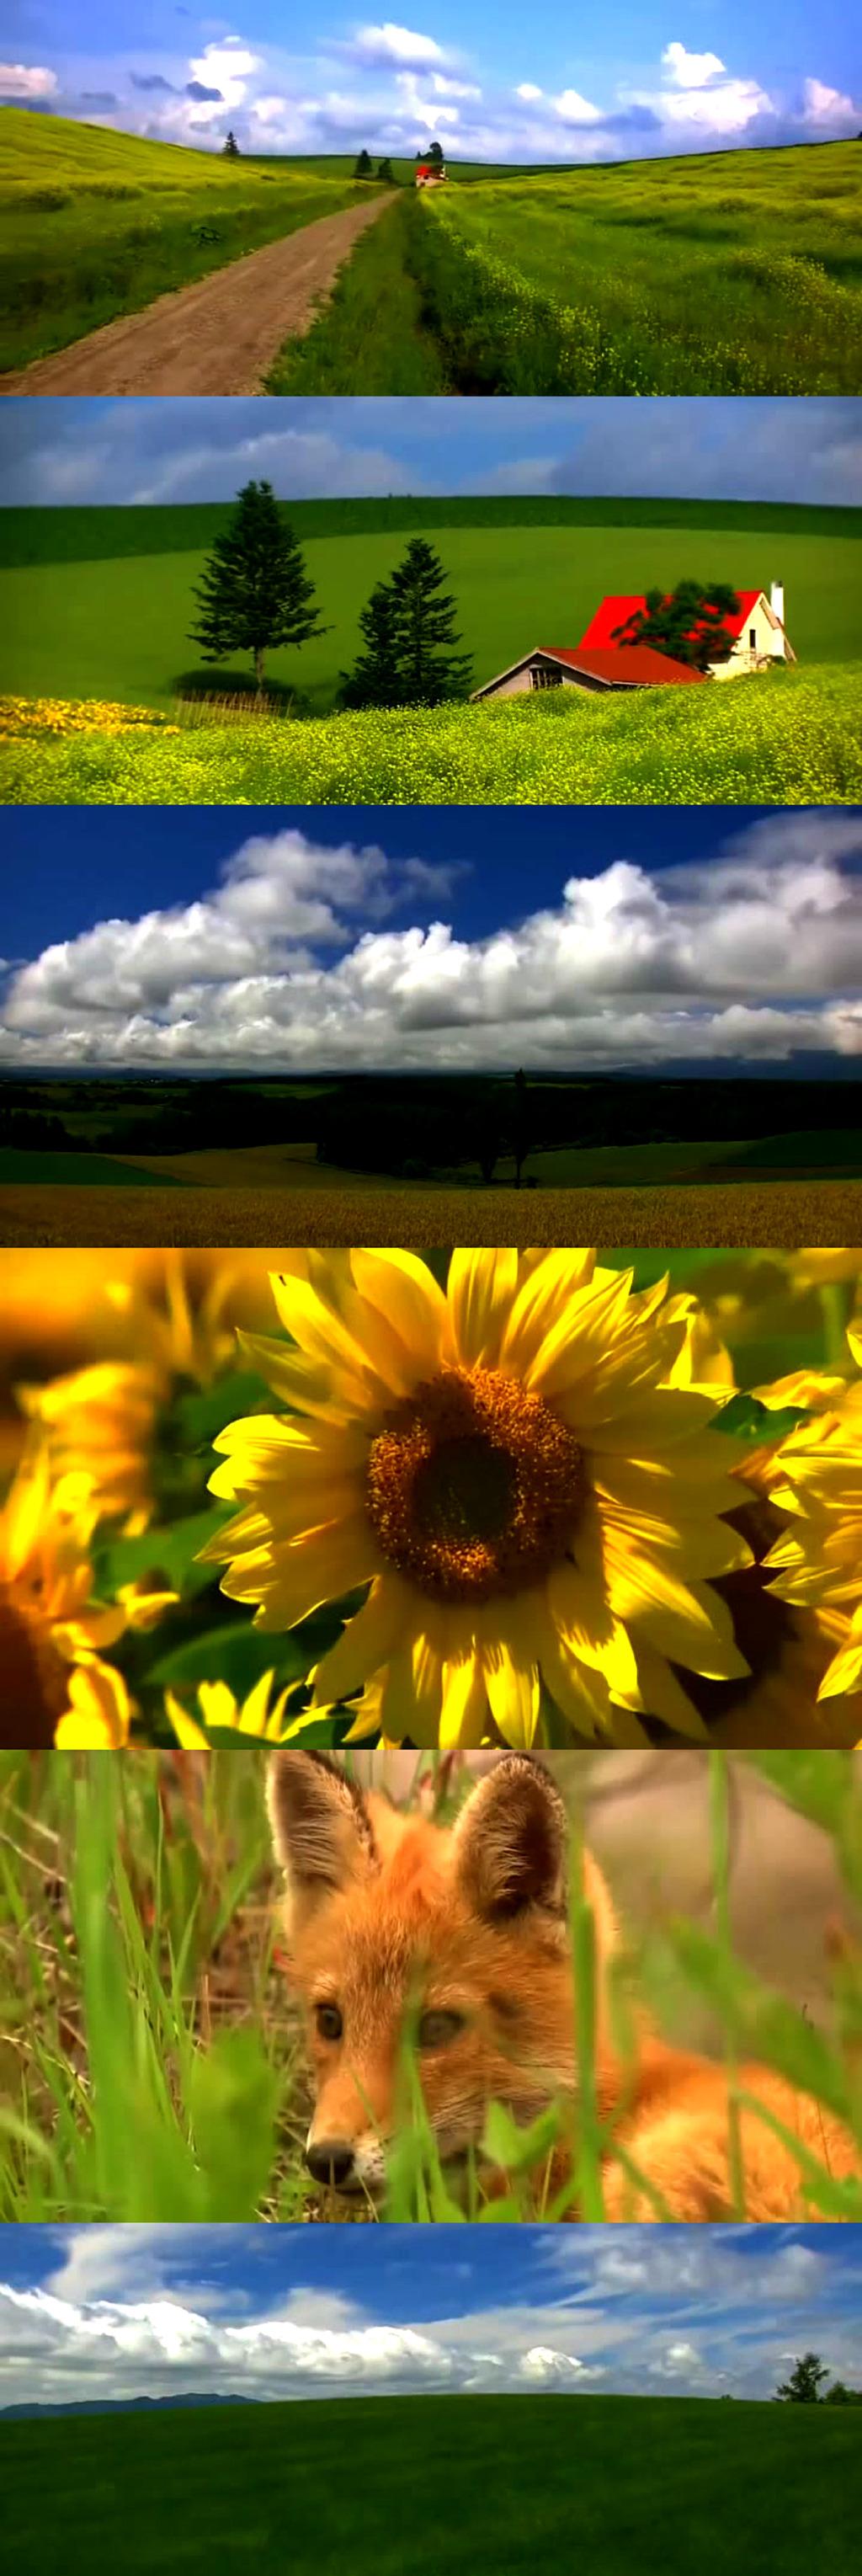 风景视频背景音乐